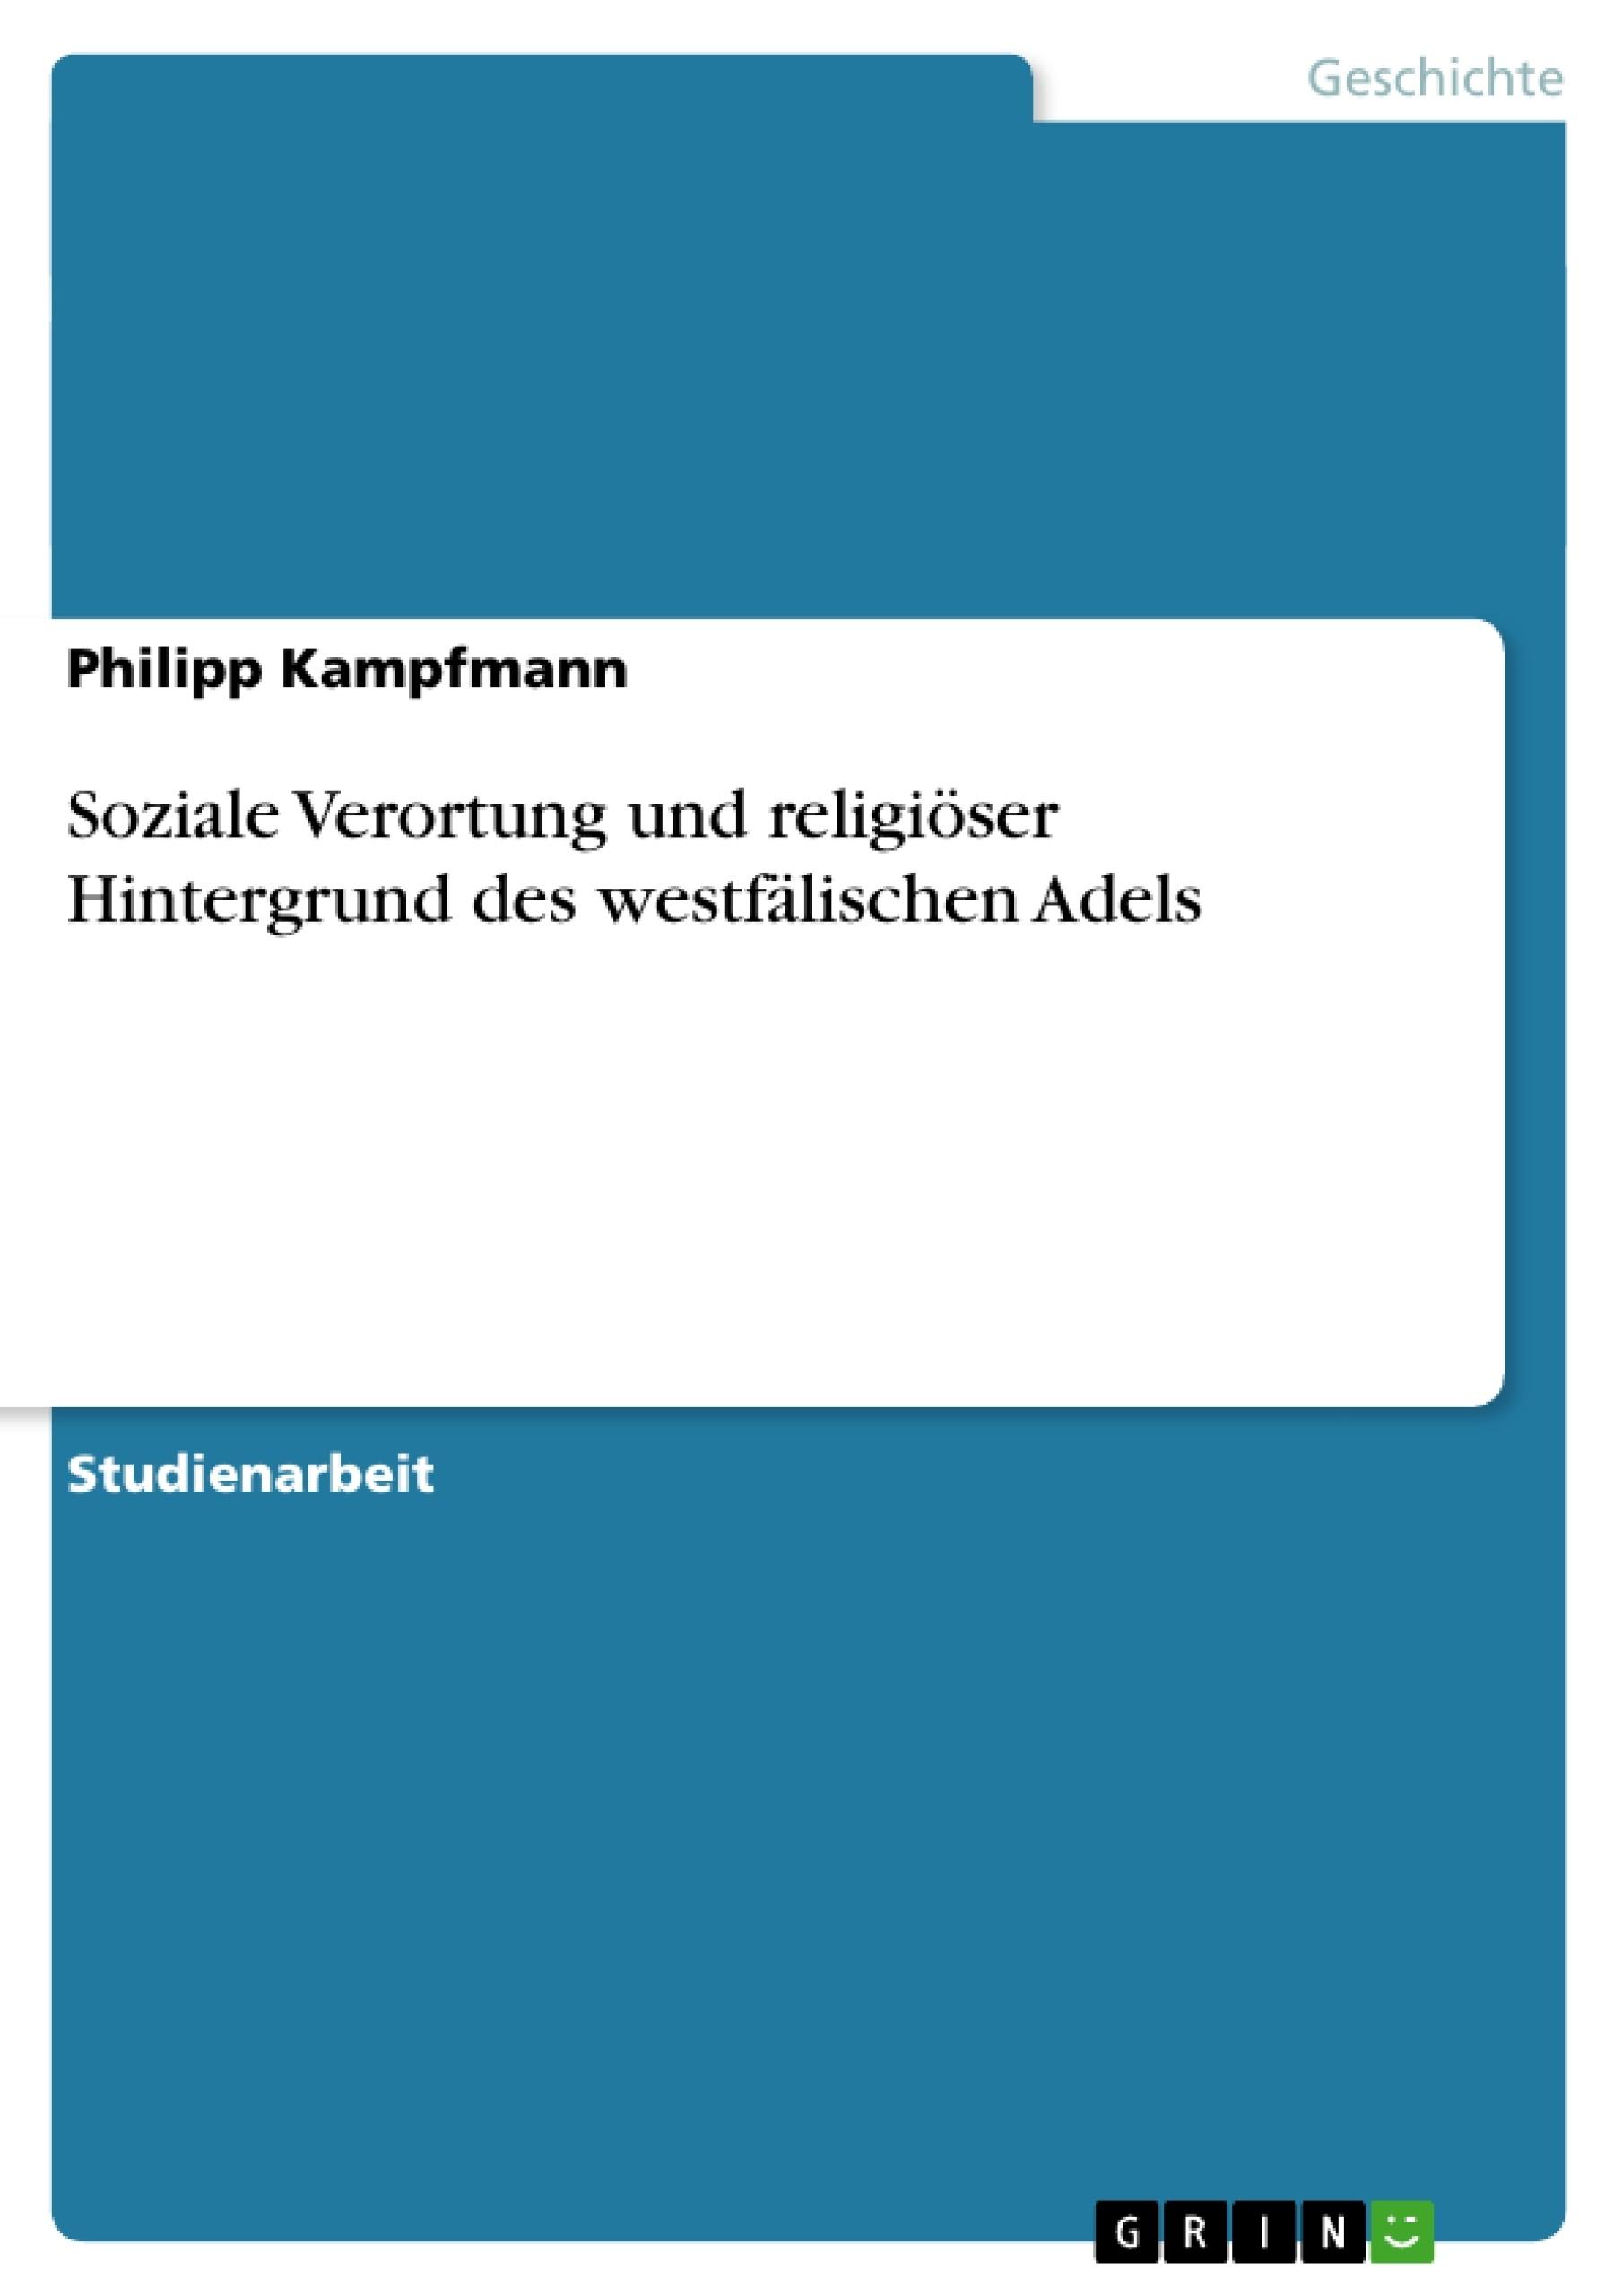 Titel: Soziale Verortung und religiöser Hintergrund des westfälischen Adels